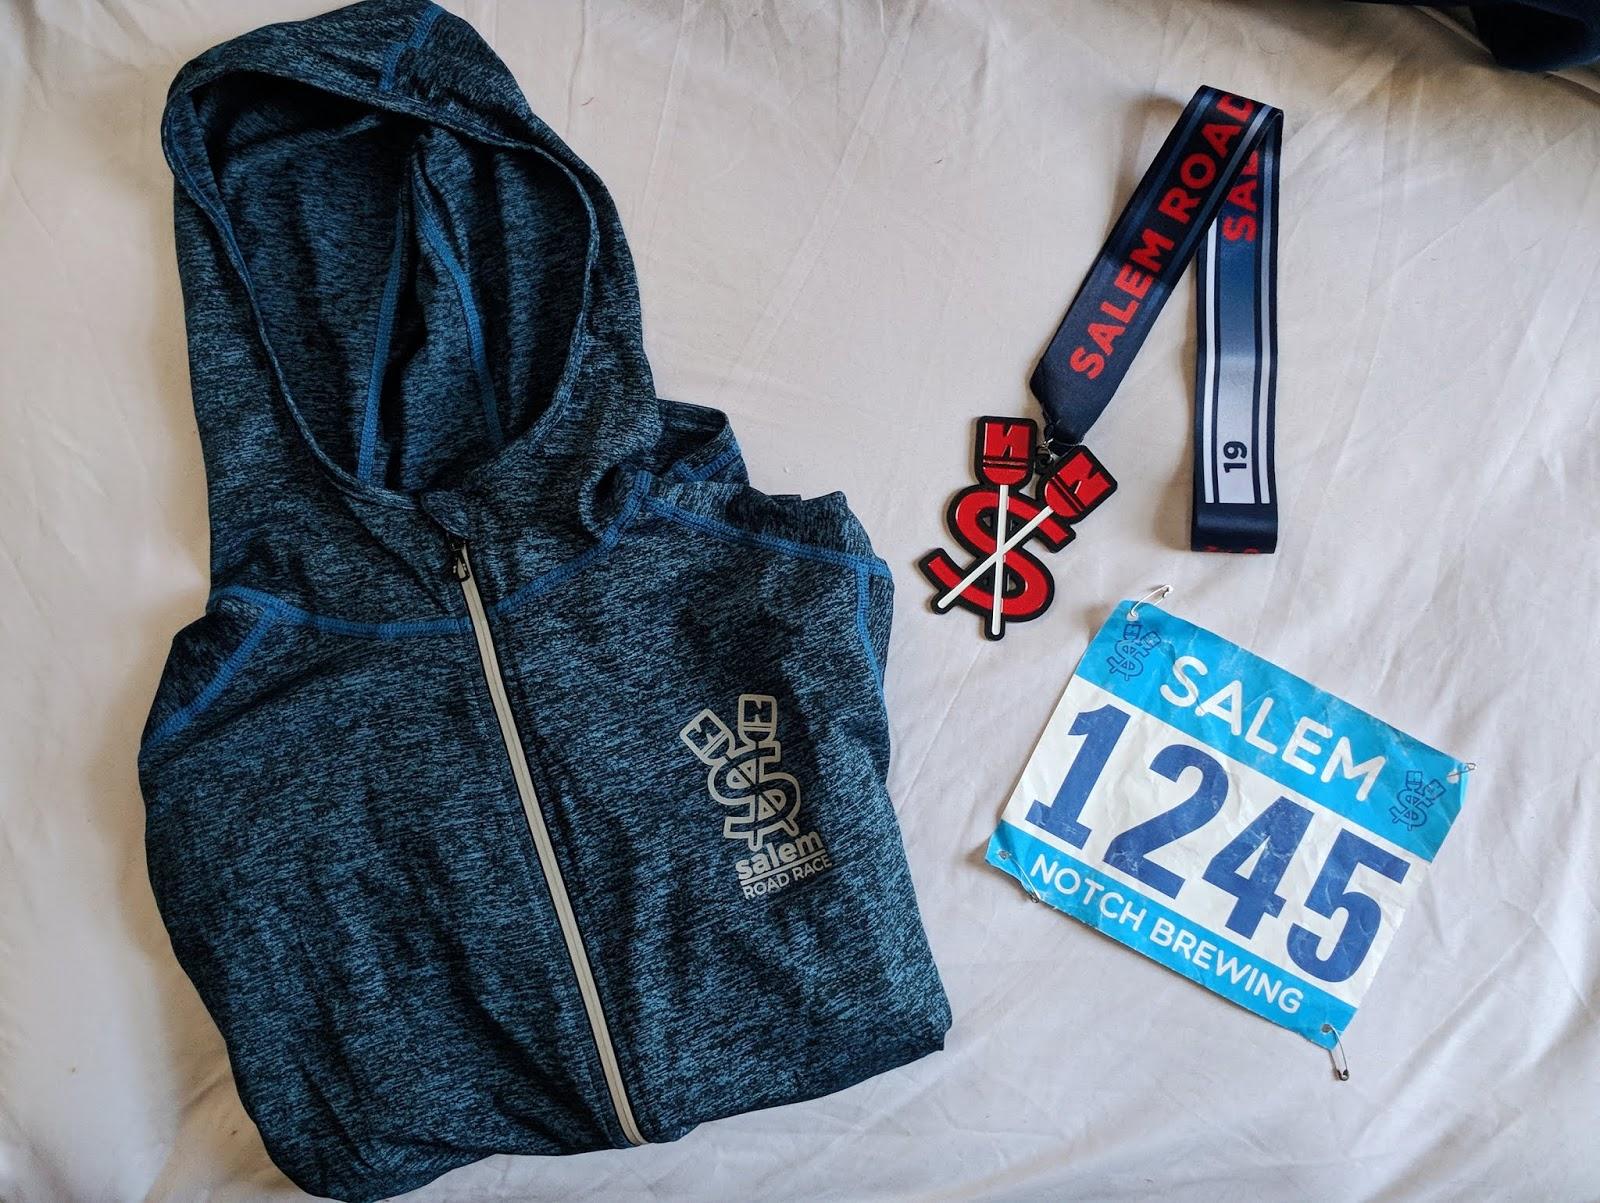 salem road race medal hoodie